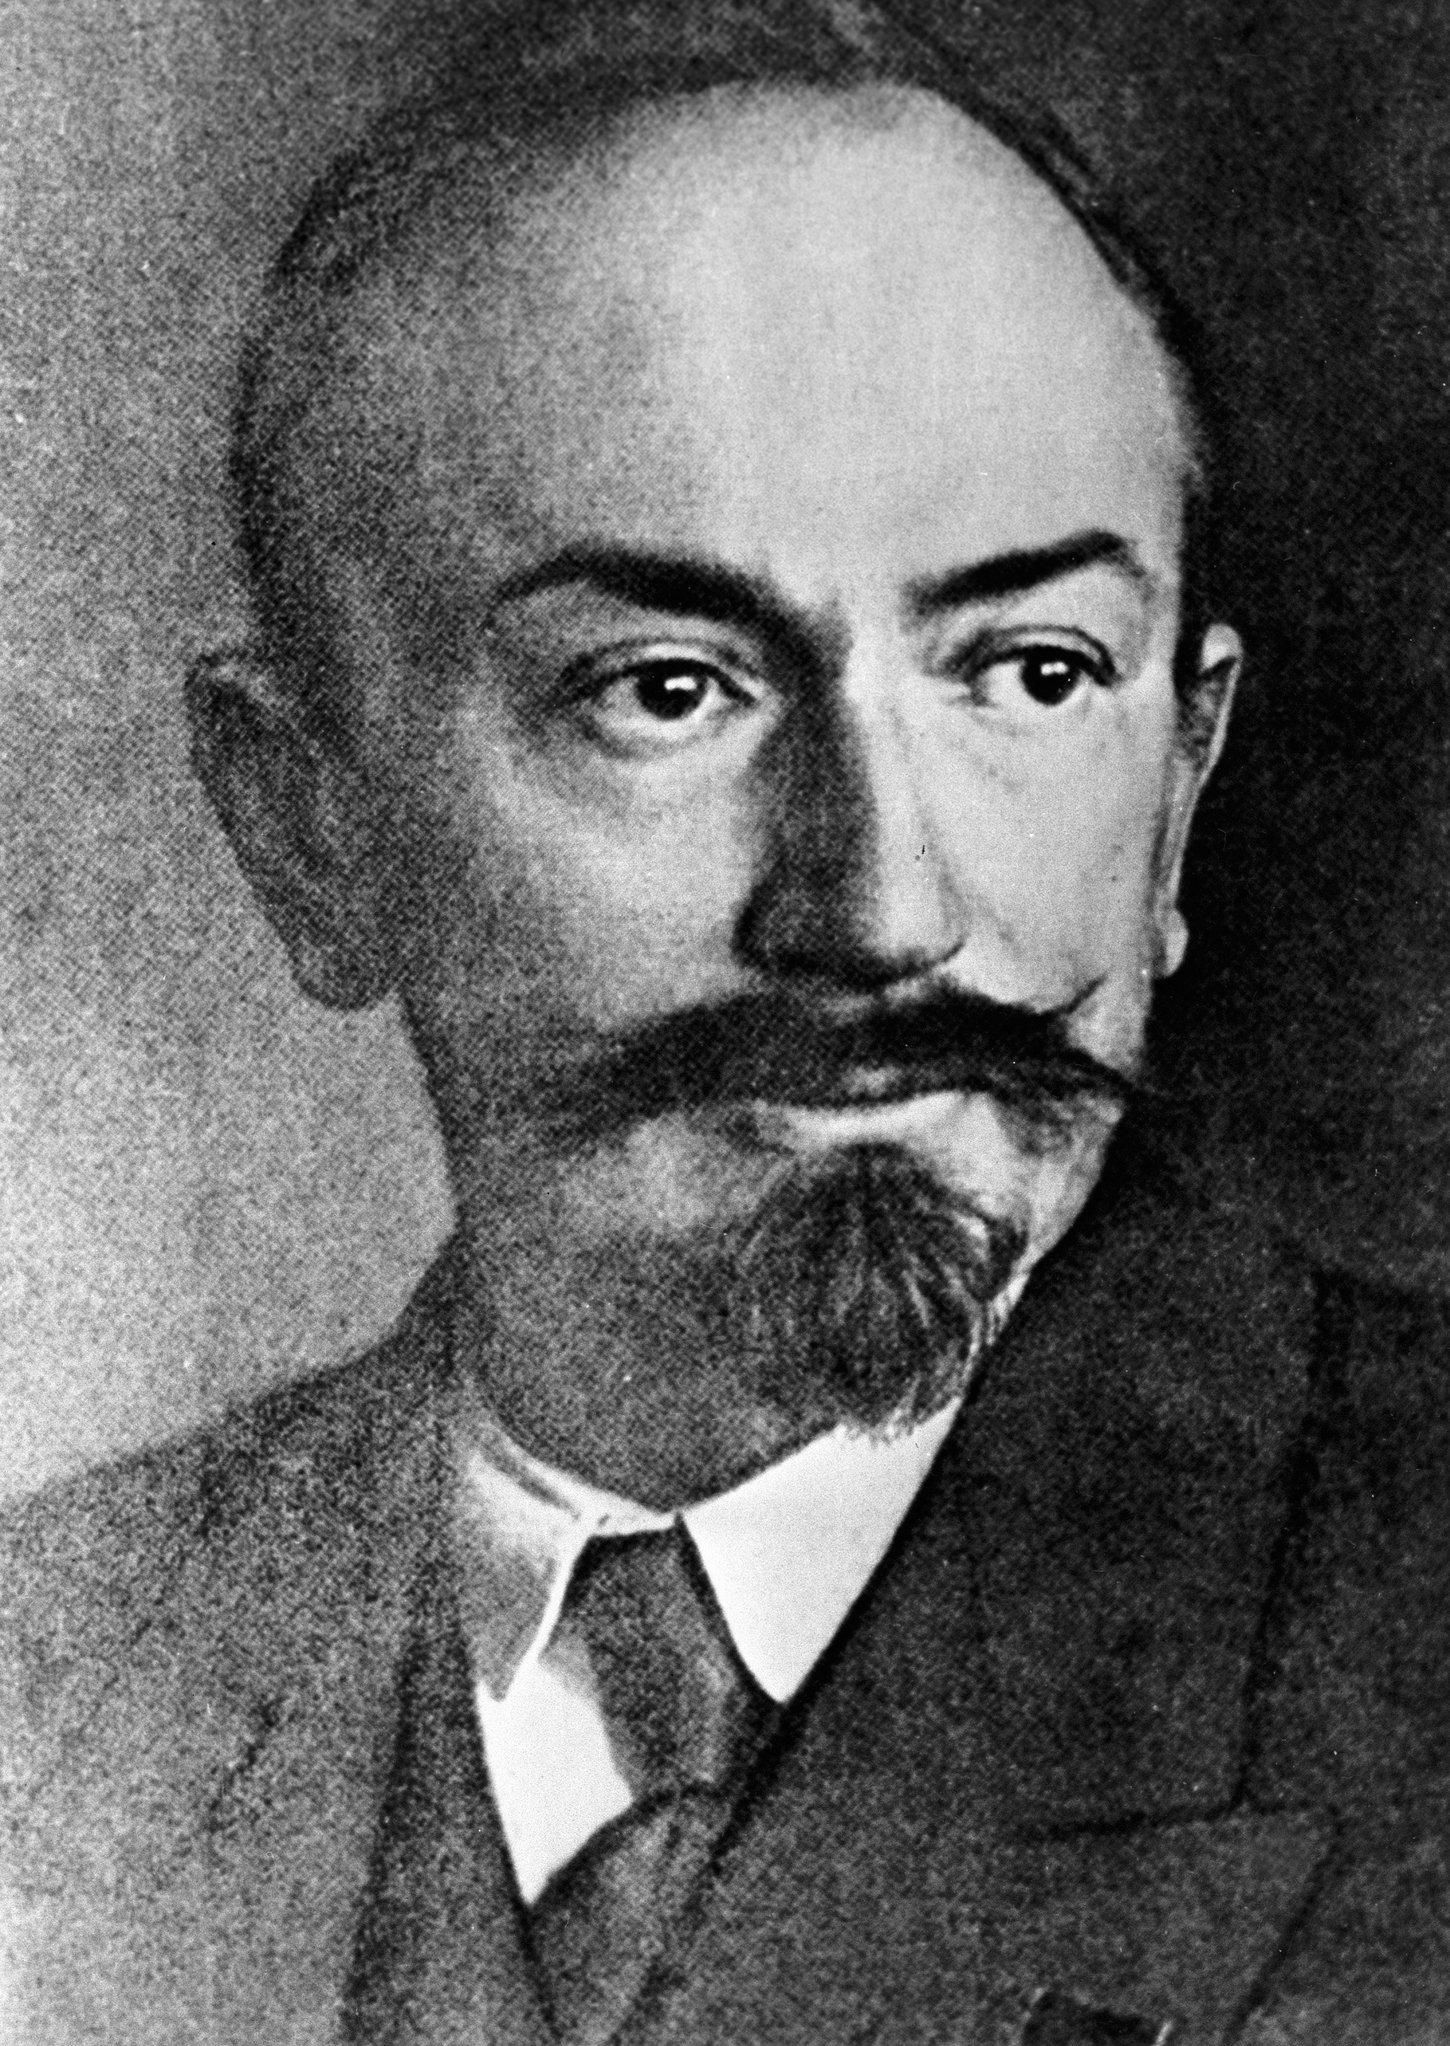 Georgij Čičerin, commissario del popolo per gli affari esteri della Repubblica Socialista Federativa Sovietica Russa, commissario del popolo per gli affari esteri dell'URSS